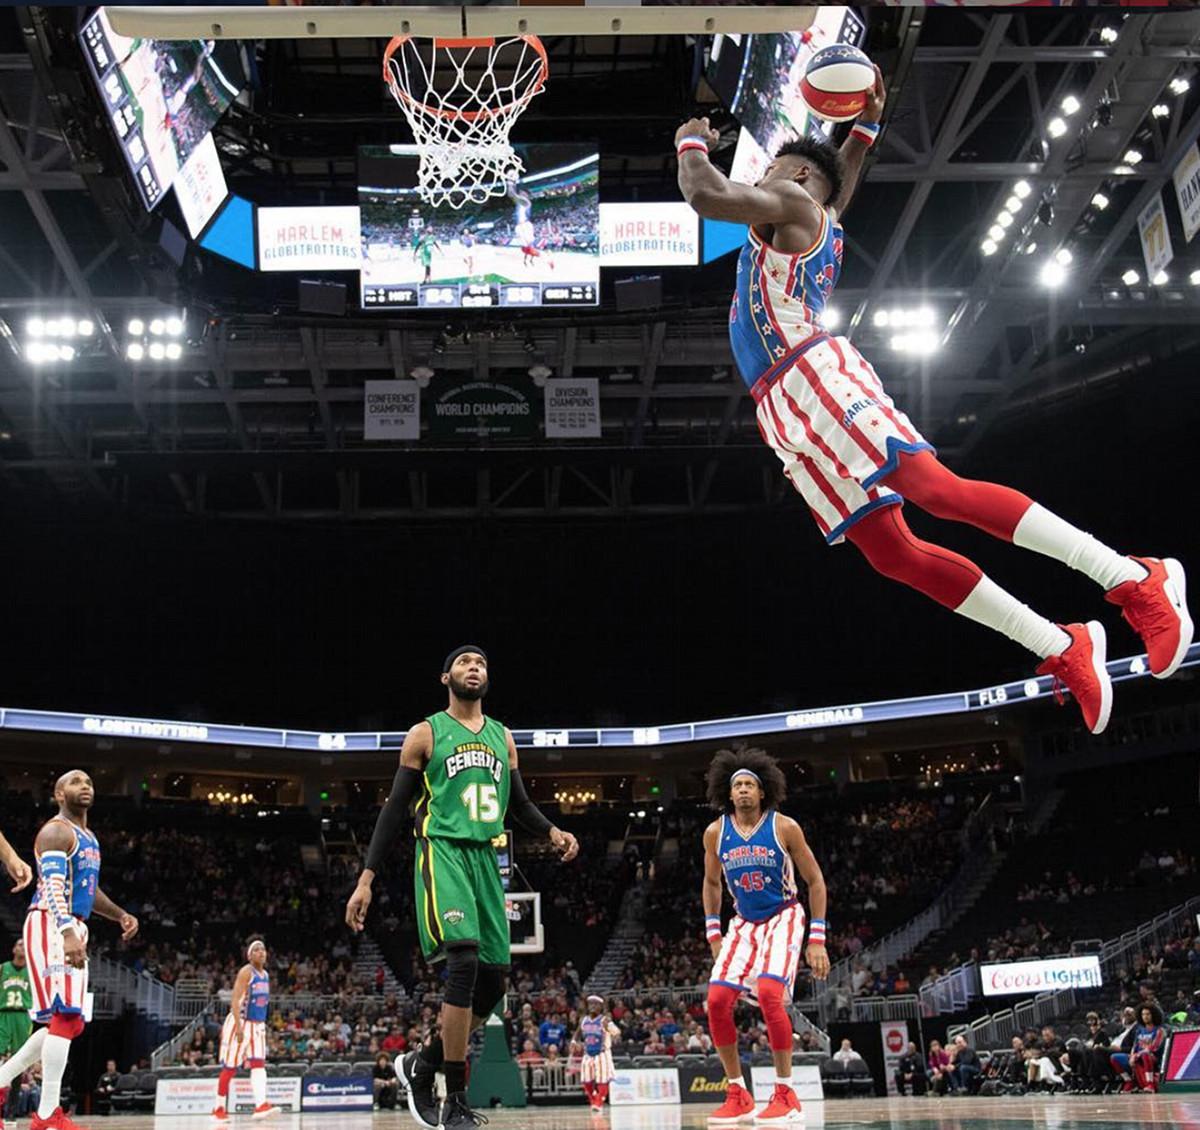 Harlem Globetrotters basketball dunk arena